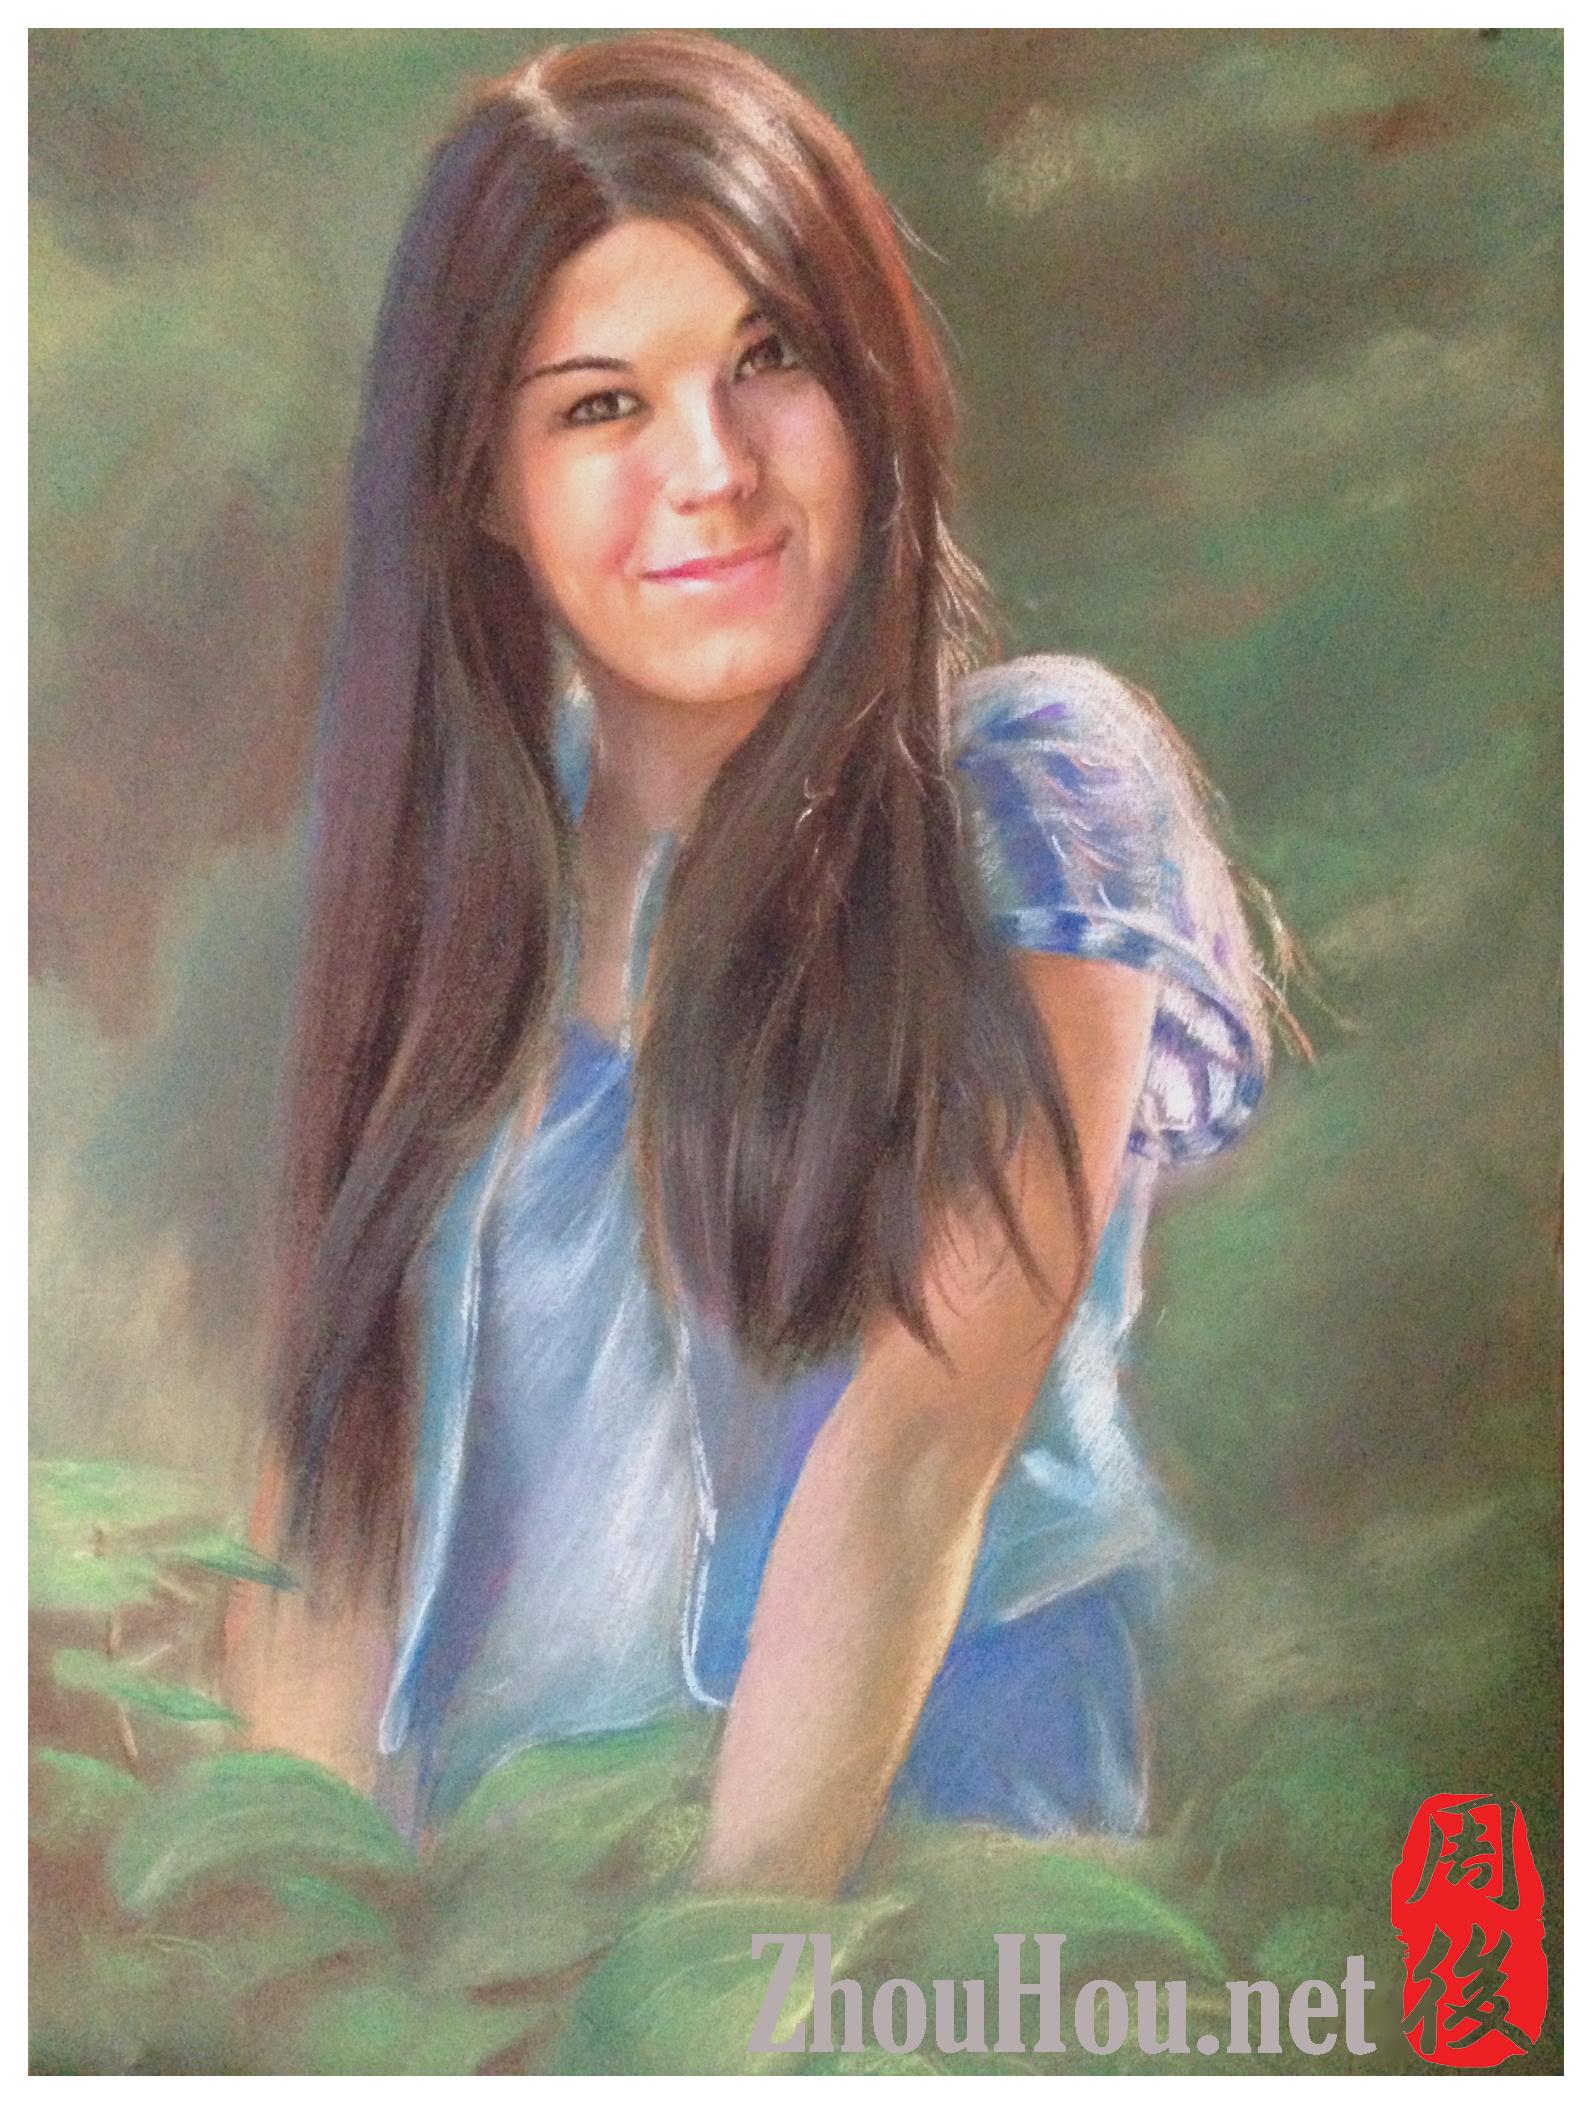 portrait_girl5_website